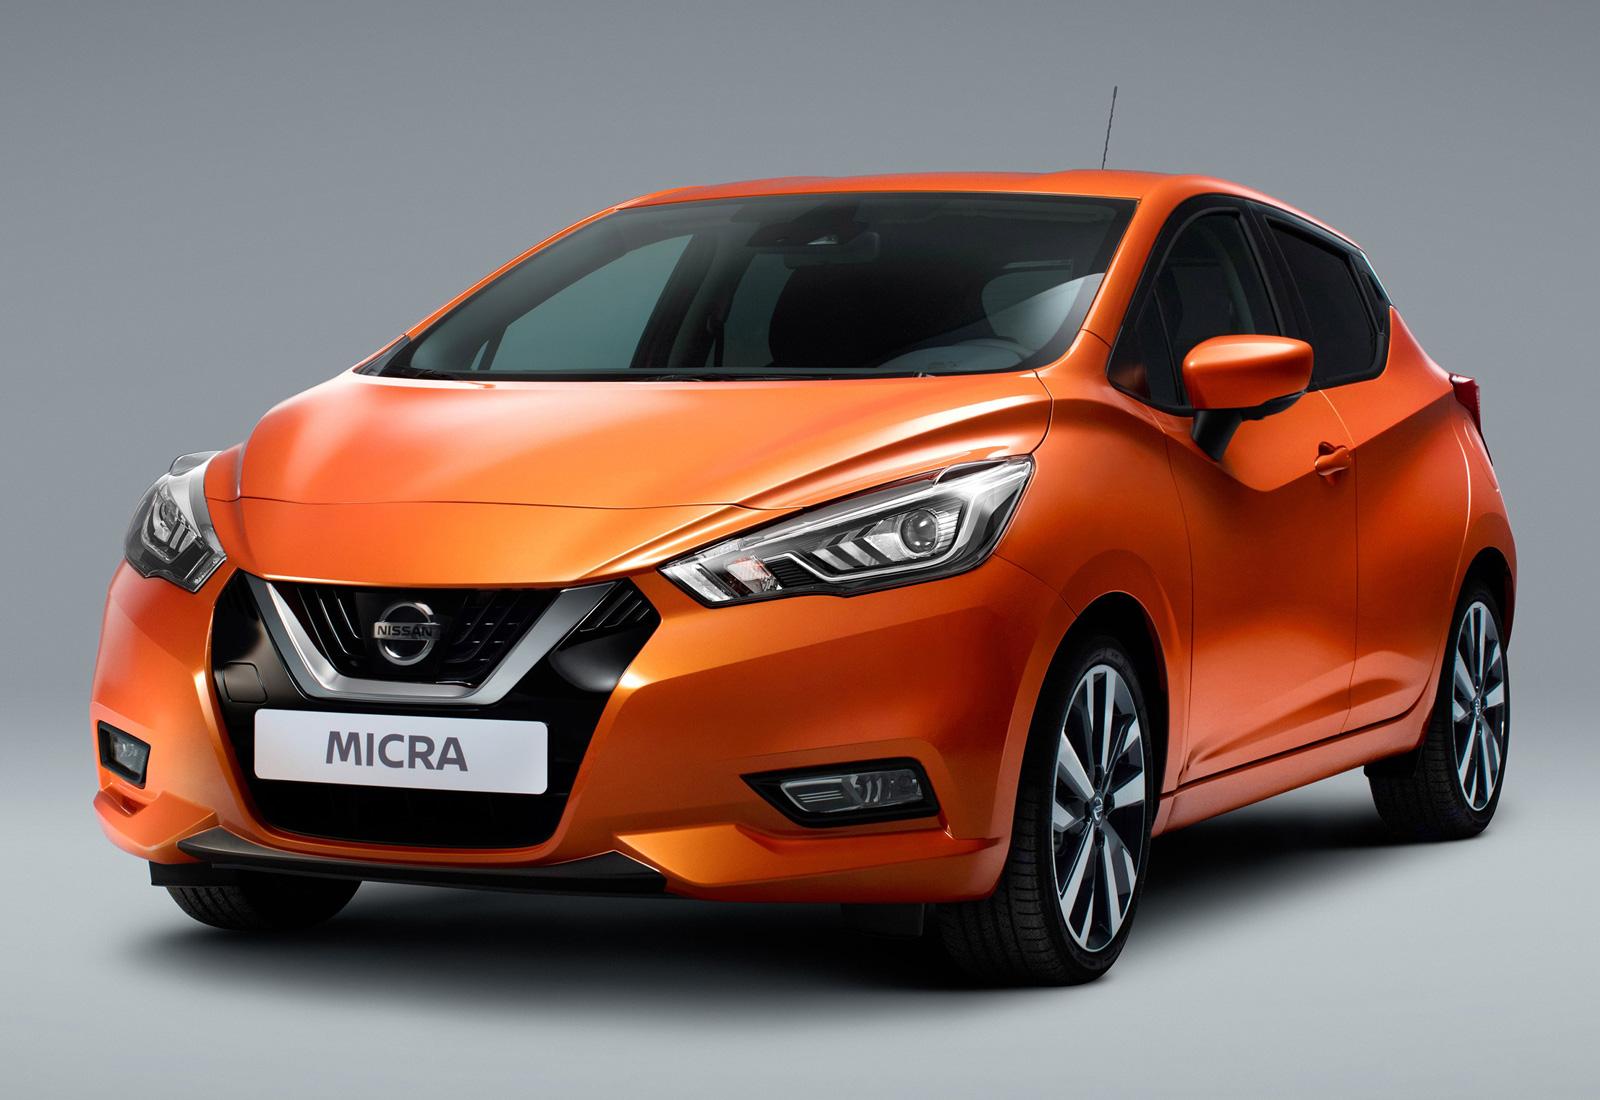 Nissan Micra 2018: фото, цена и технические характеристики нового авто